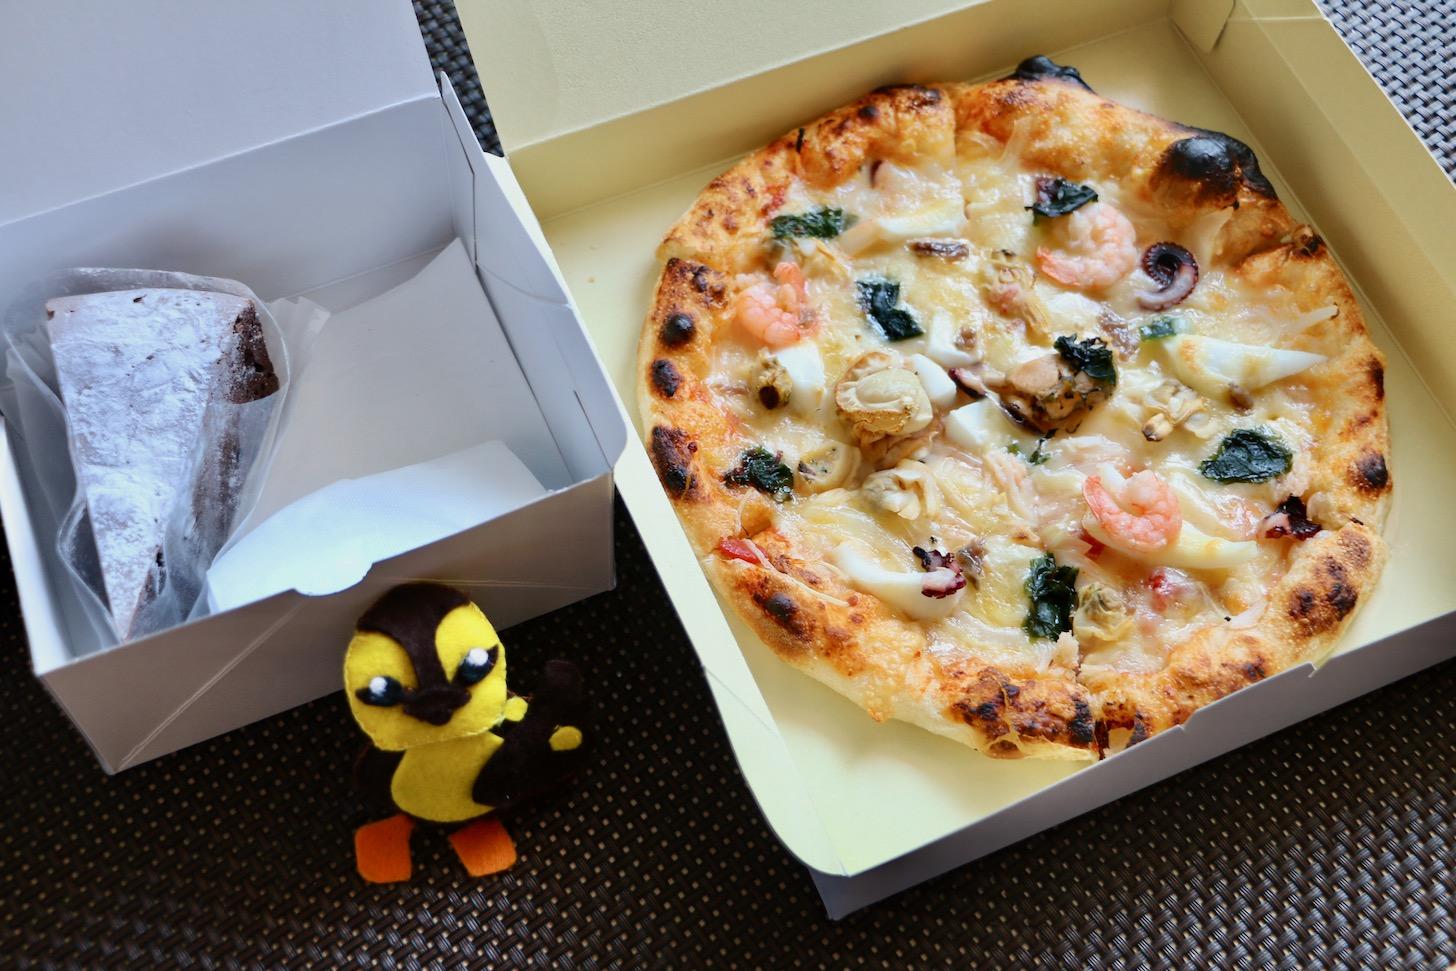 多摩市落合「ハウスリーク」でシーフードピザとケーキをテイクアウトしてきた